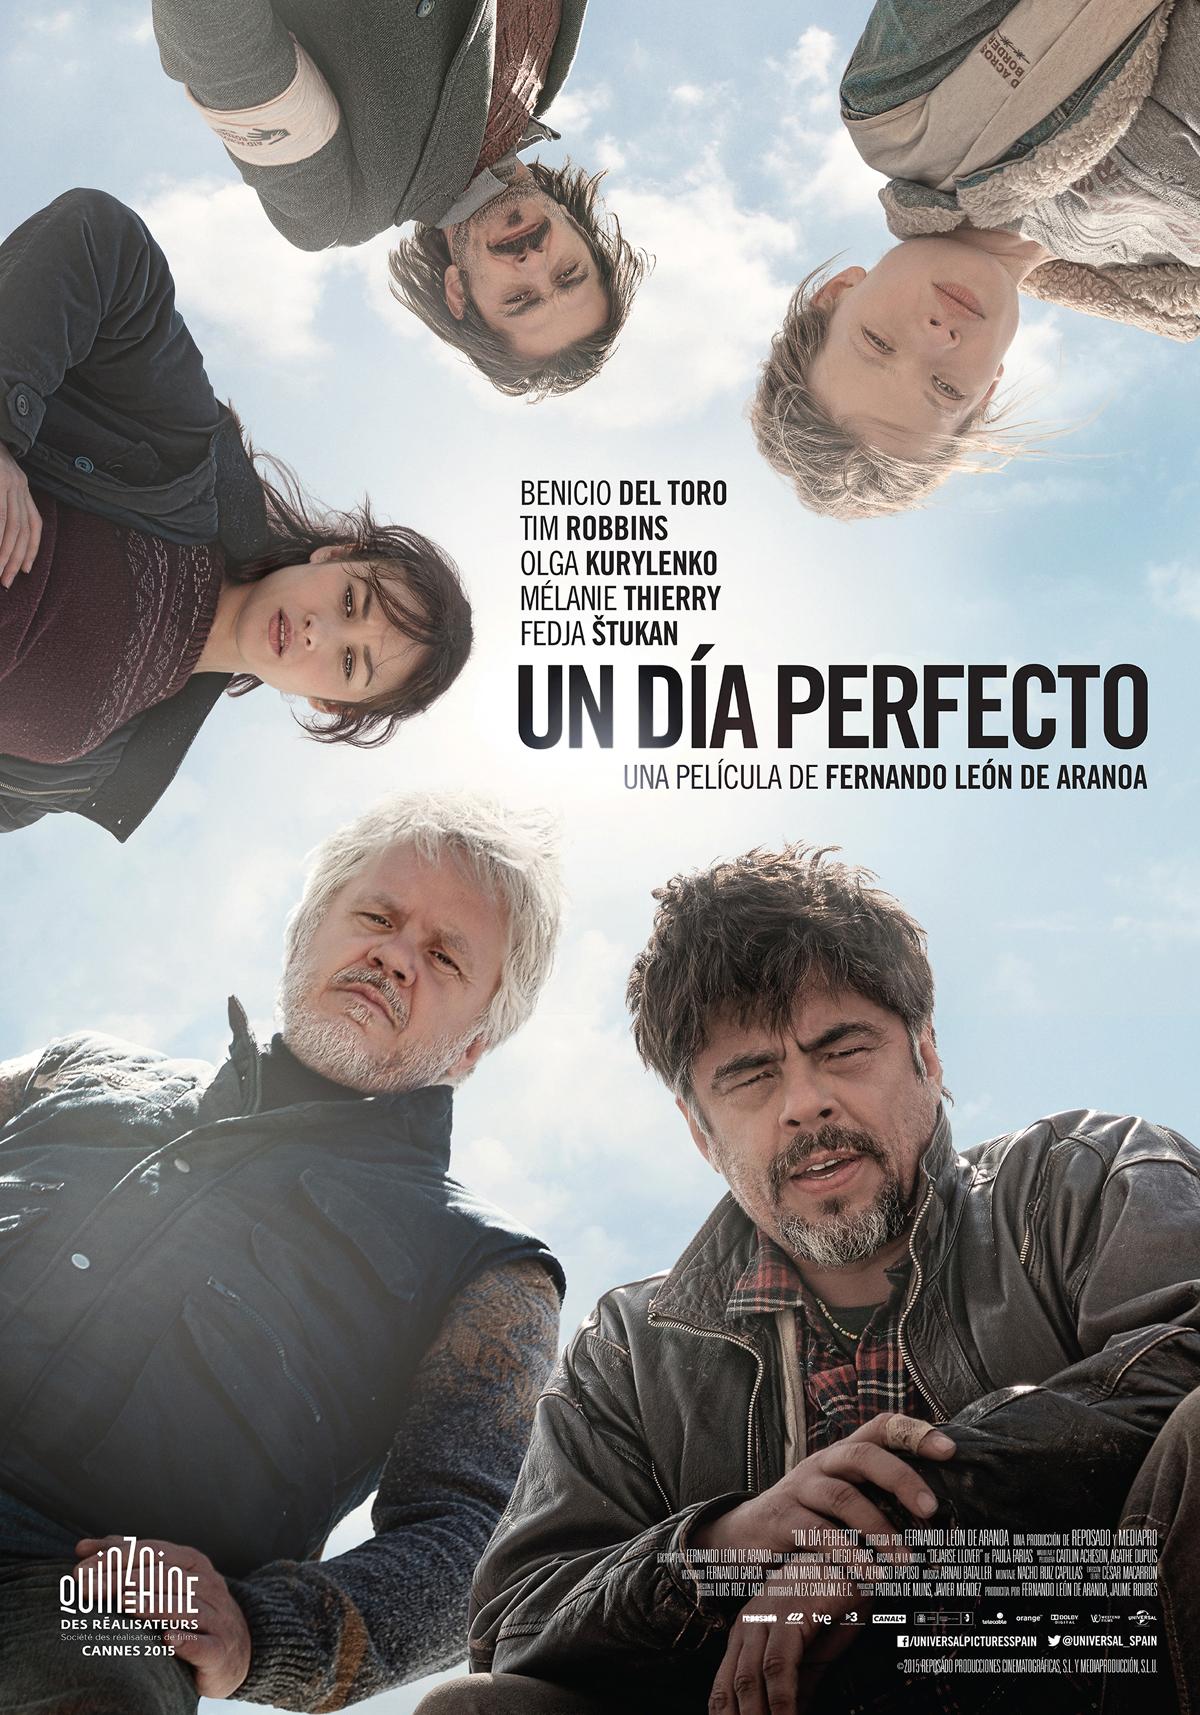 Um-dia-perfeito_caraz Crítica: Um Dia Perfeito (A Perfect Day) - Netflix